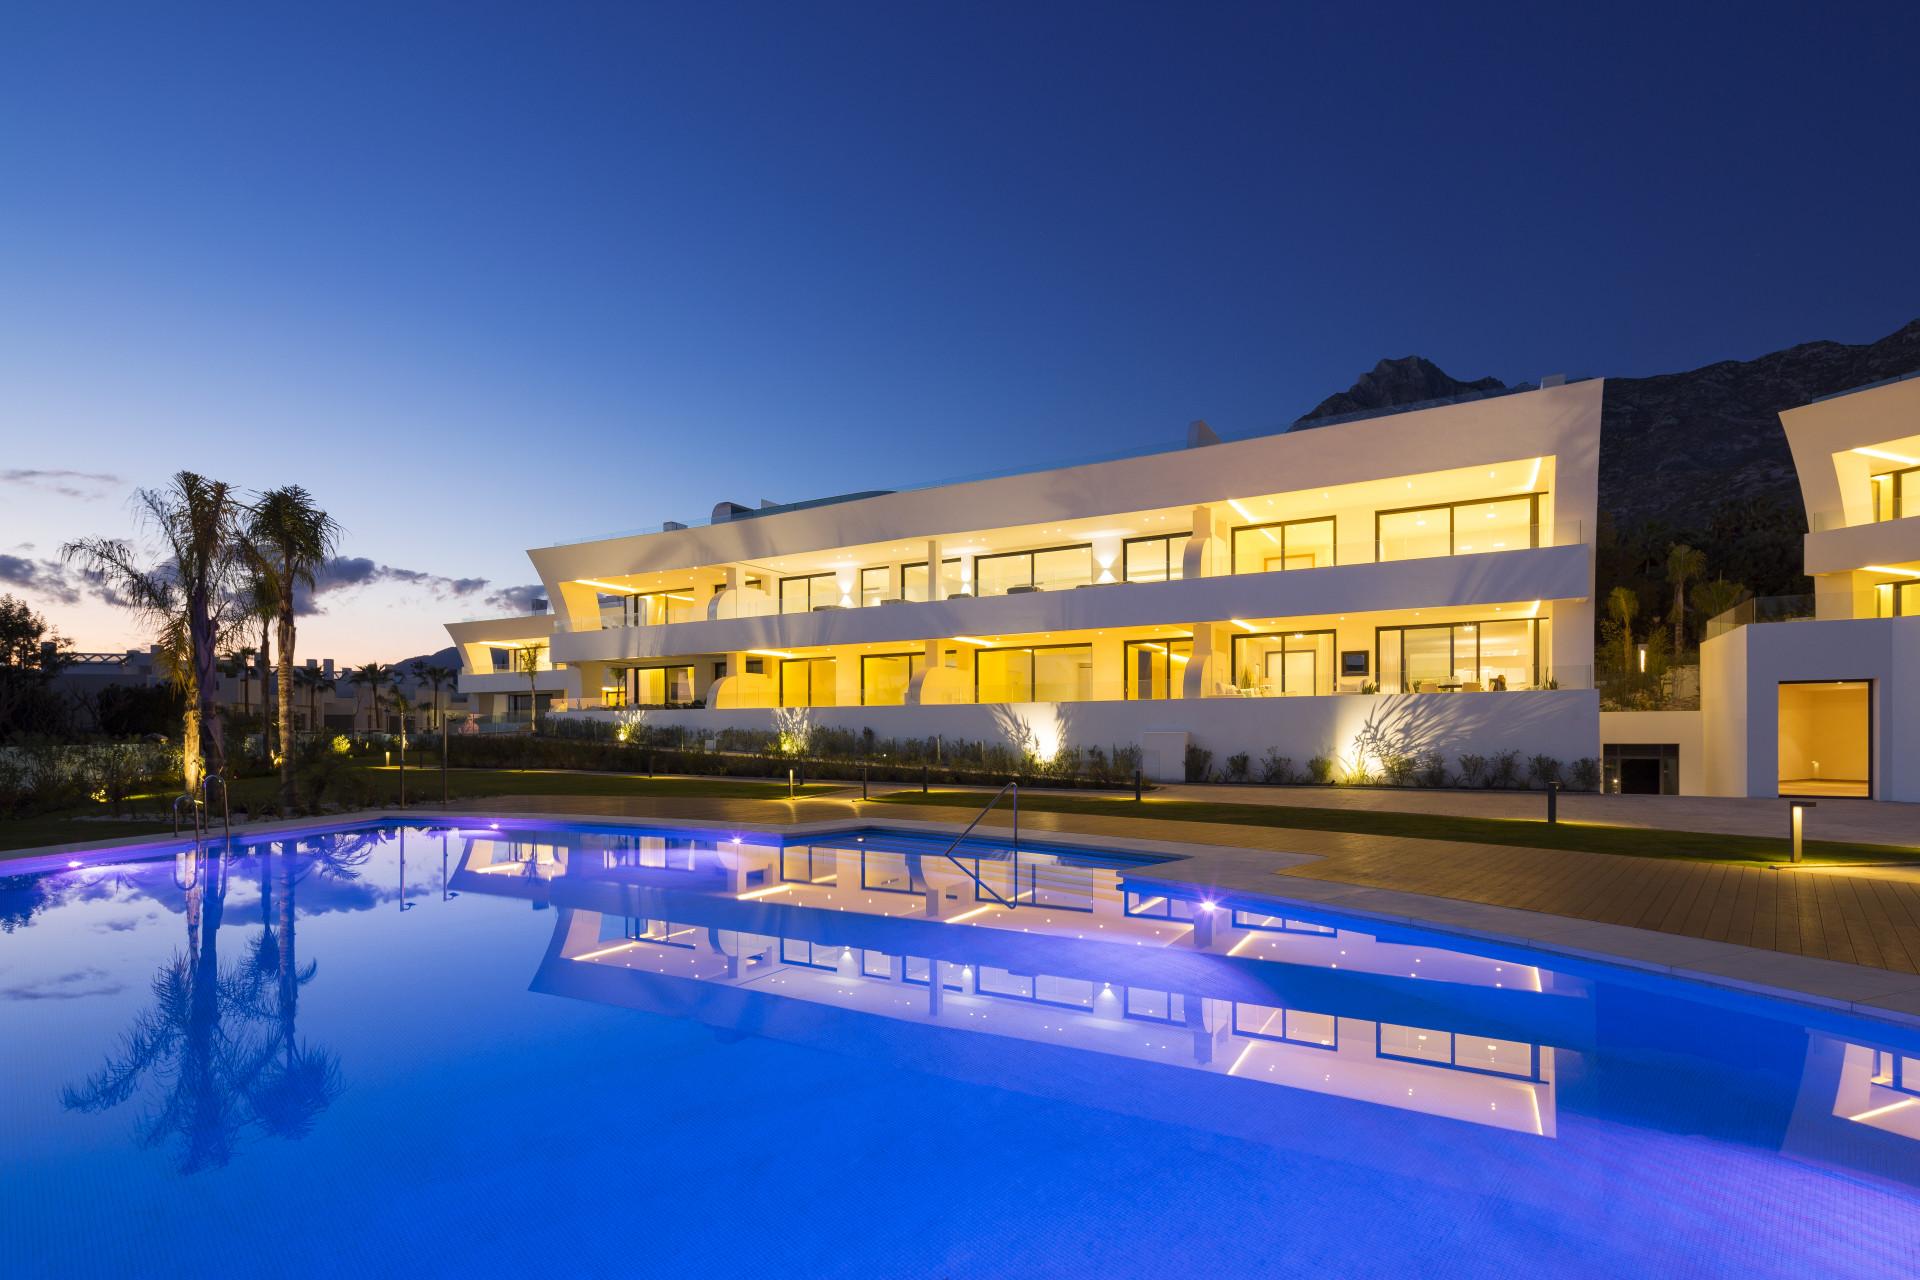 ARFA1286 - 20 neue Luxus Wohnungen zu verkaufen auf der Goldenen Meile in Marbella